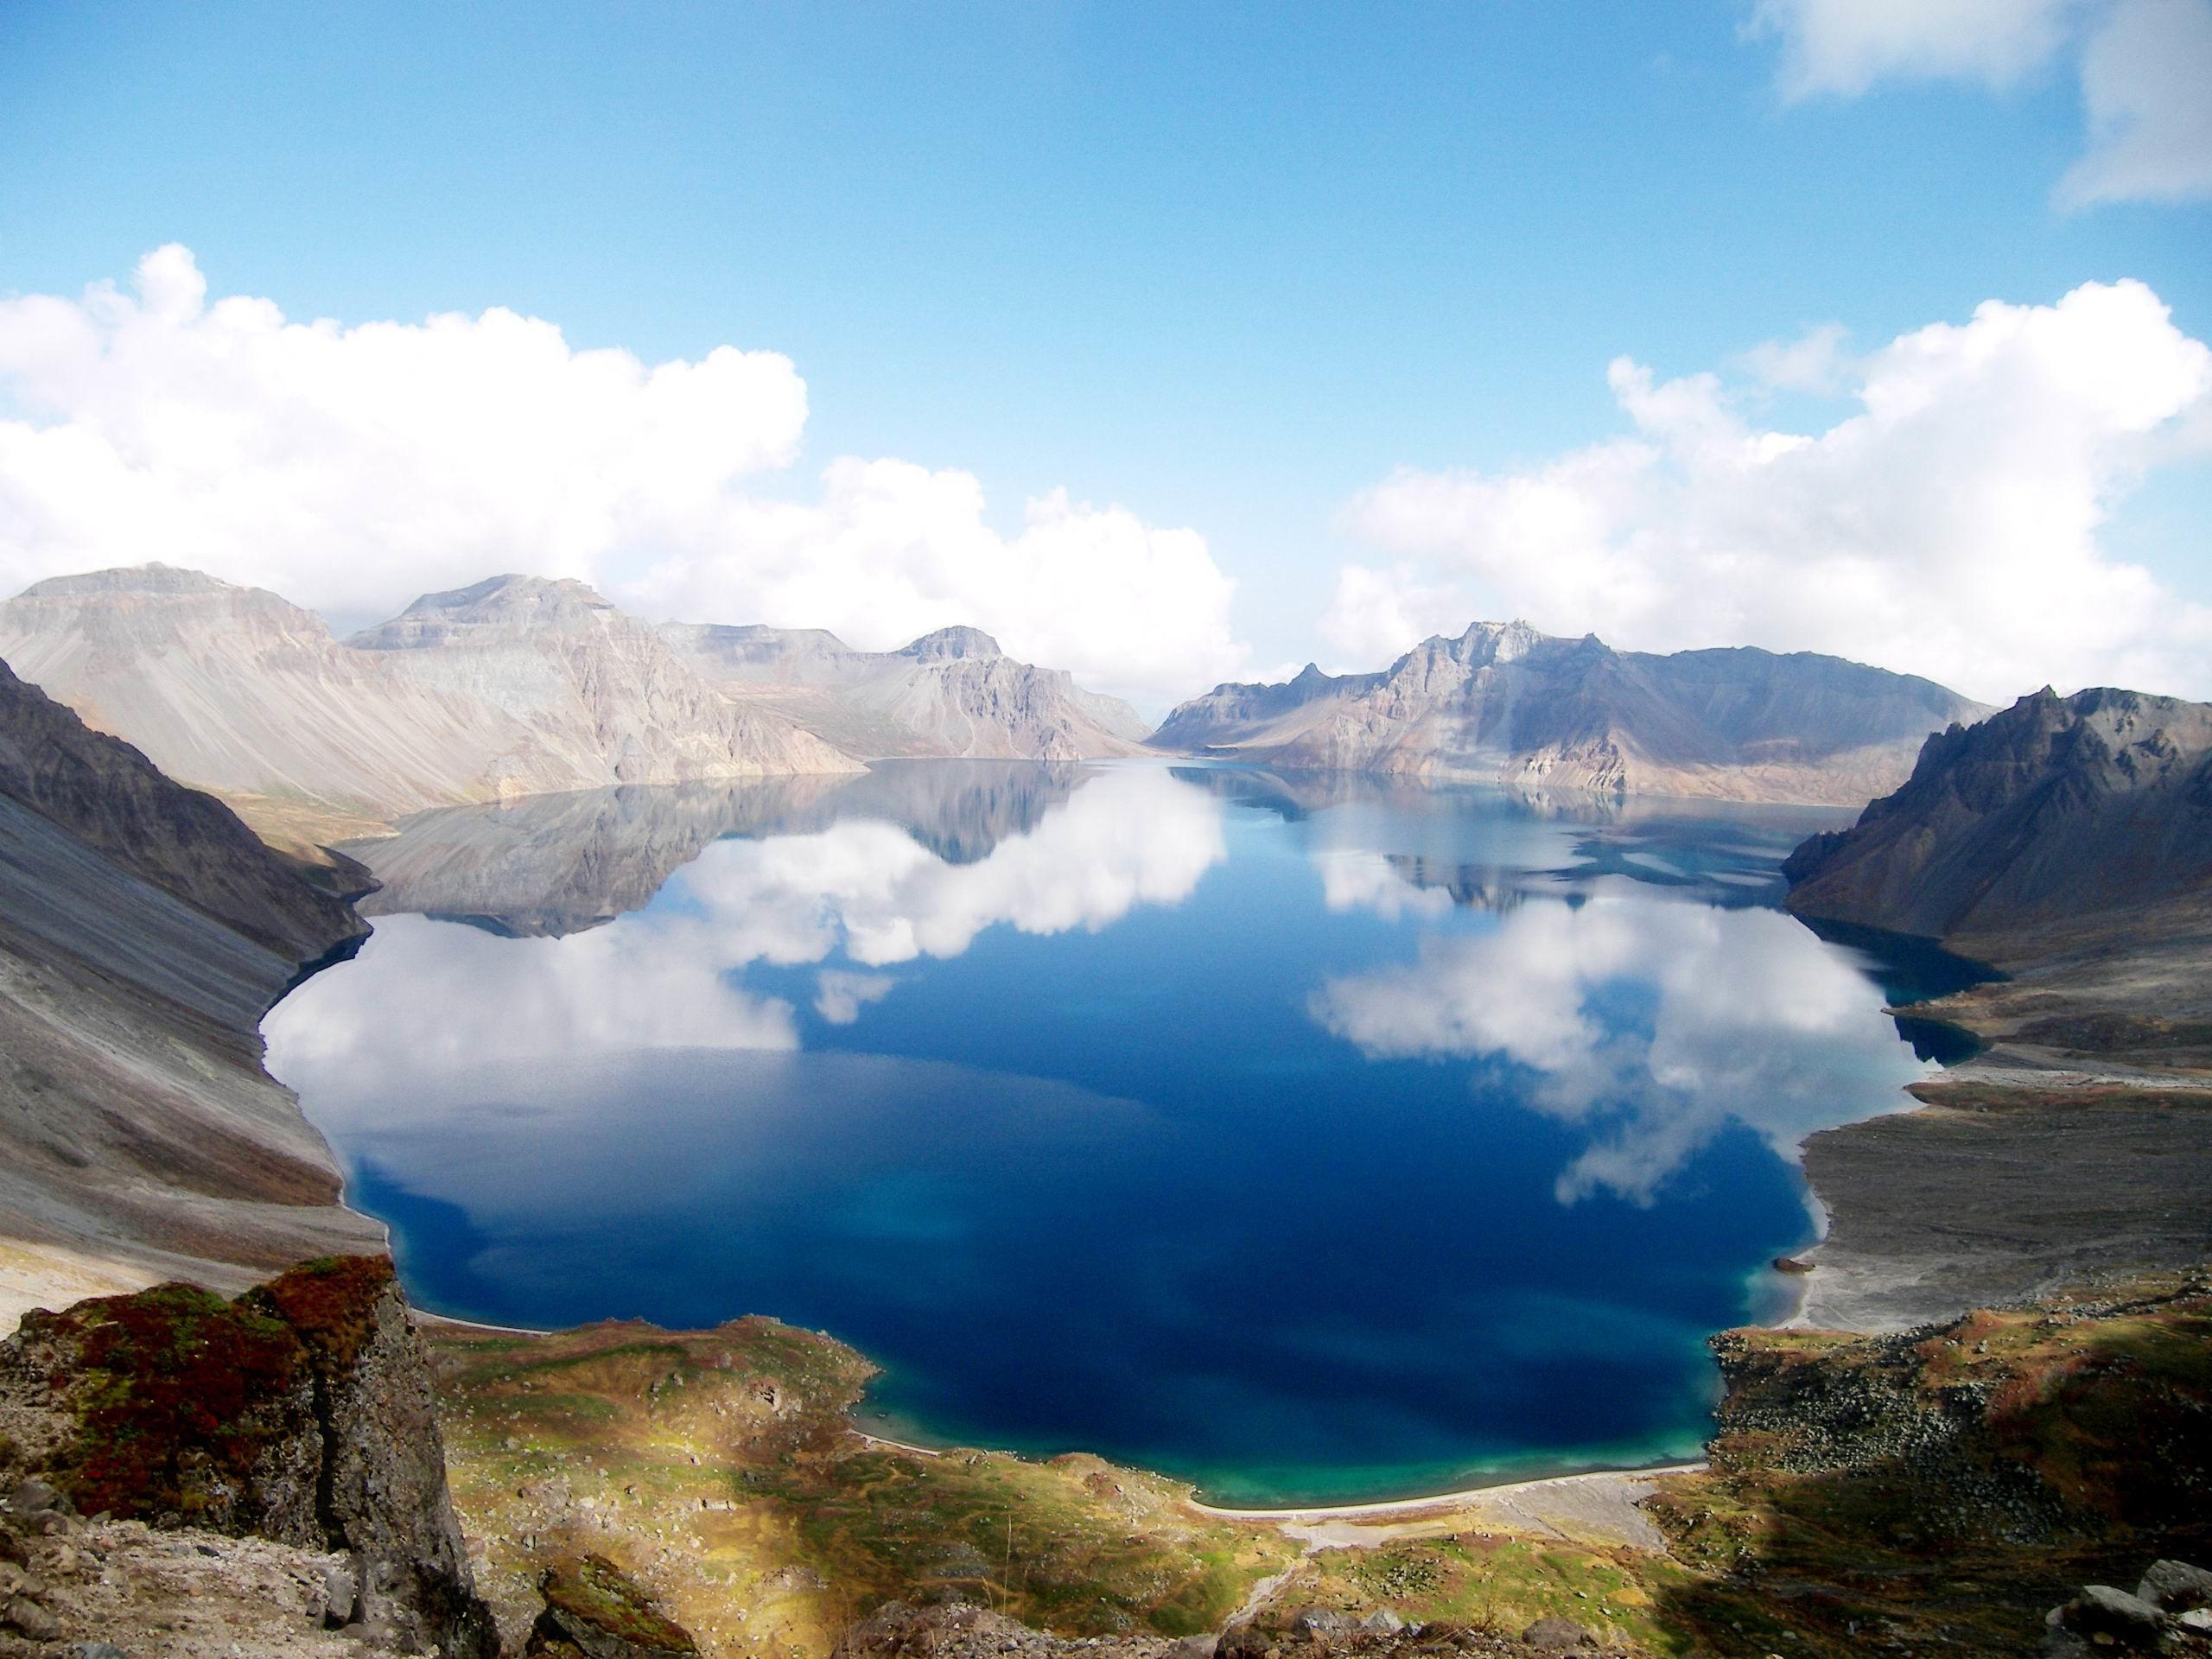 wallpaper.wiki-Free-Crater-Lake-Image-PIC-WPB0011692